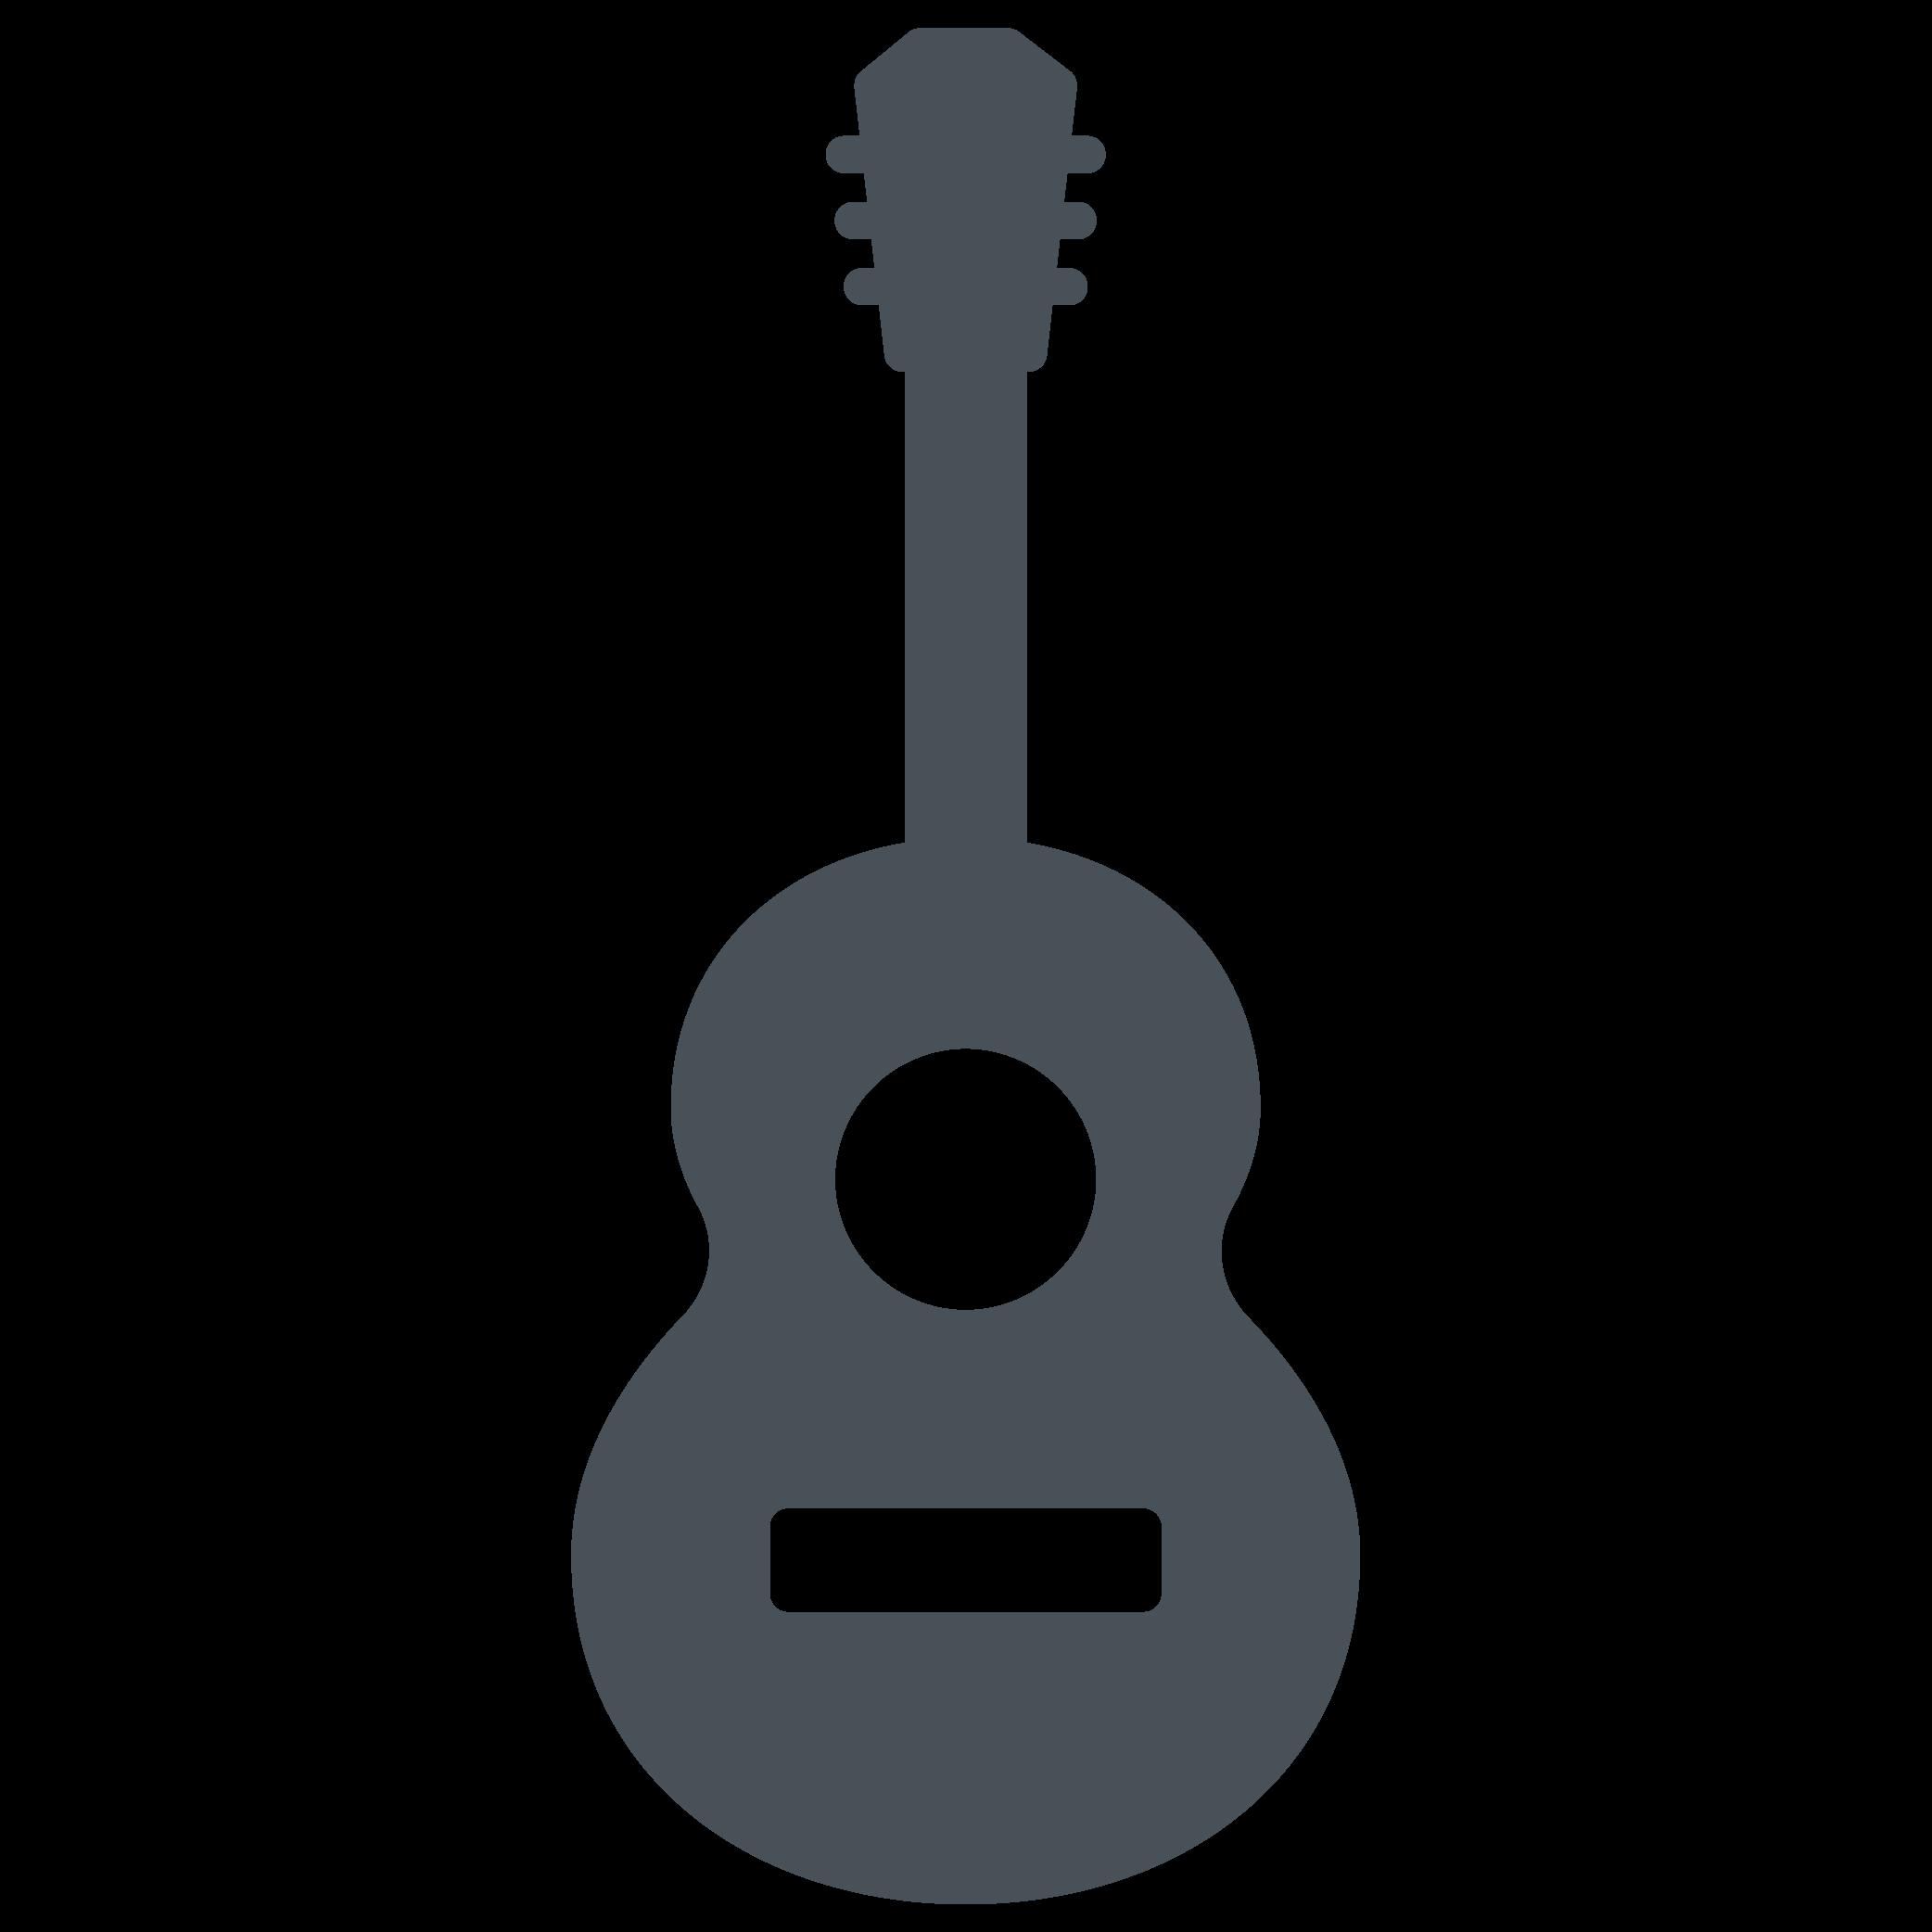 Grey-Solid_Guitar